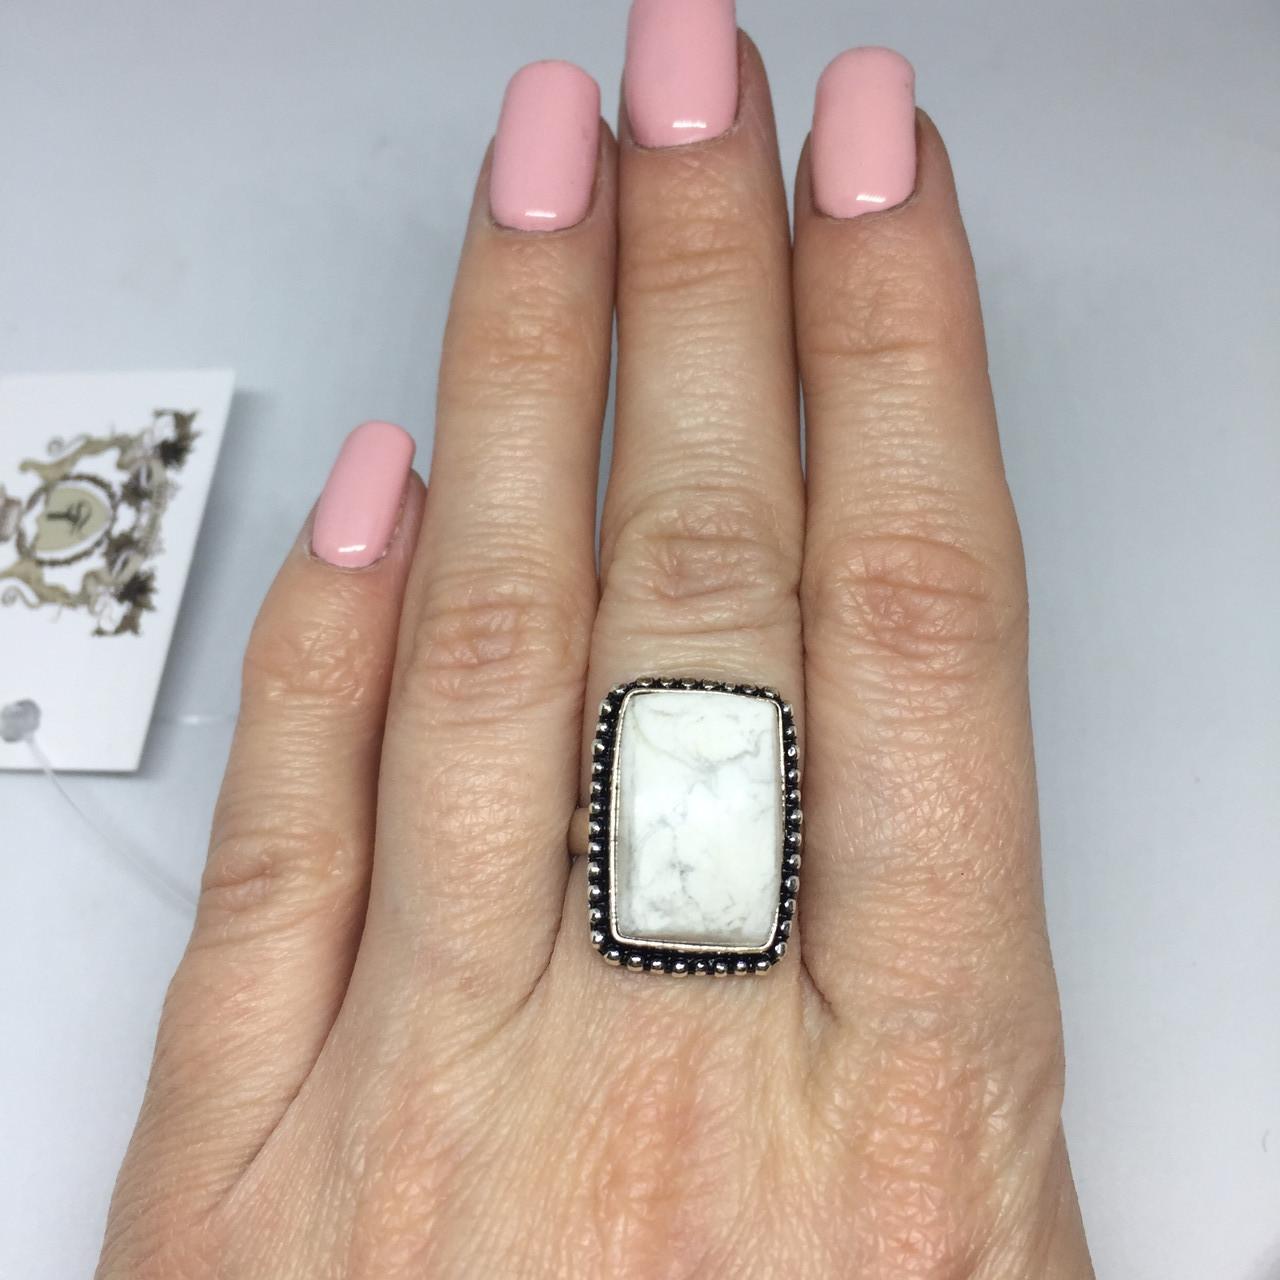 Говлит кольцо с говлитом 16 размер кольцо с камнем говлит в серебре Индия